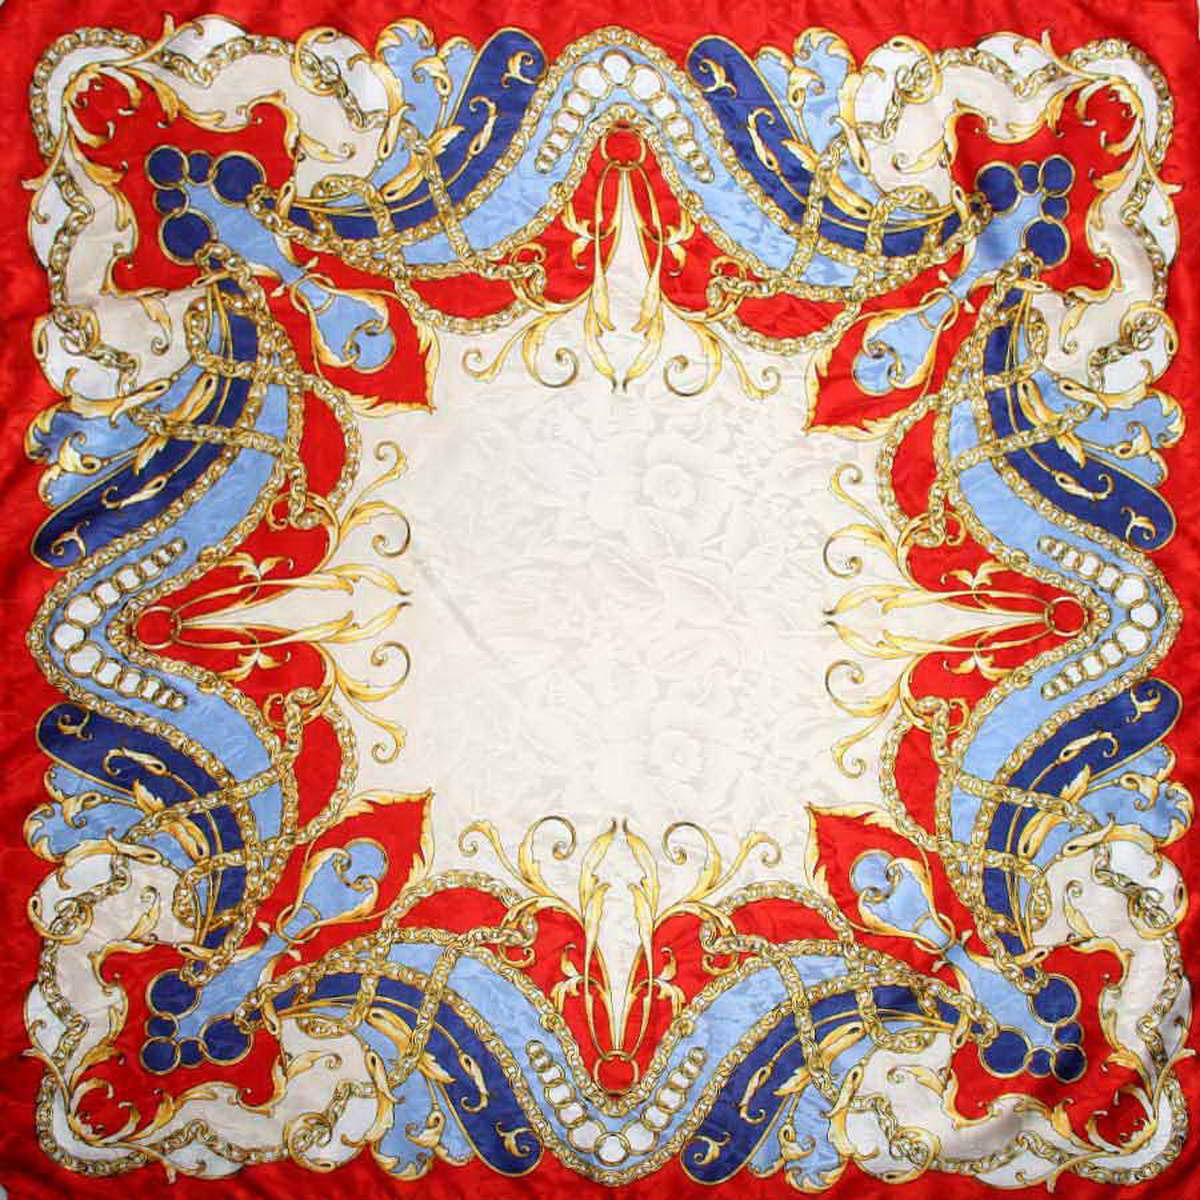 Платок женский. 39048723904872-5Невероятно красивый женский платок Venera изготовлен из легкого полиэстера, станет замечательным украшением для любого вашего наряда. Современный и необычный дизайн будет отлично смотреться в повседневном луке молодой девушки. Классическая квадратная форма позволяет носить платок на шее, украшать им прическу или декорировать сумочку. Платок Venera превосходно дополнит любой наряд и подчеркнет ваш неповторимый вкус и элегантность.